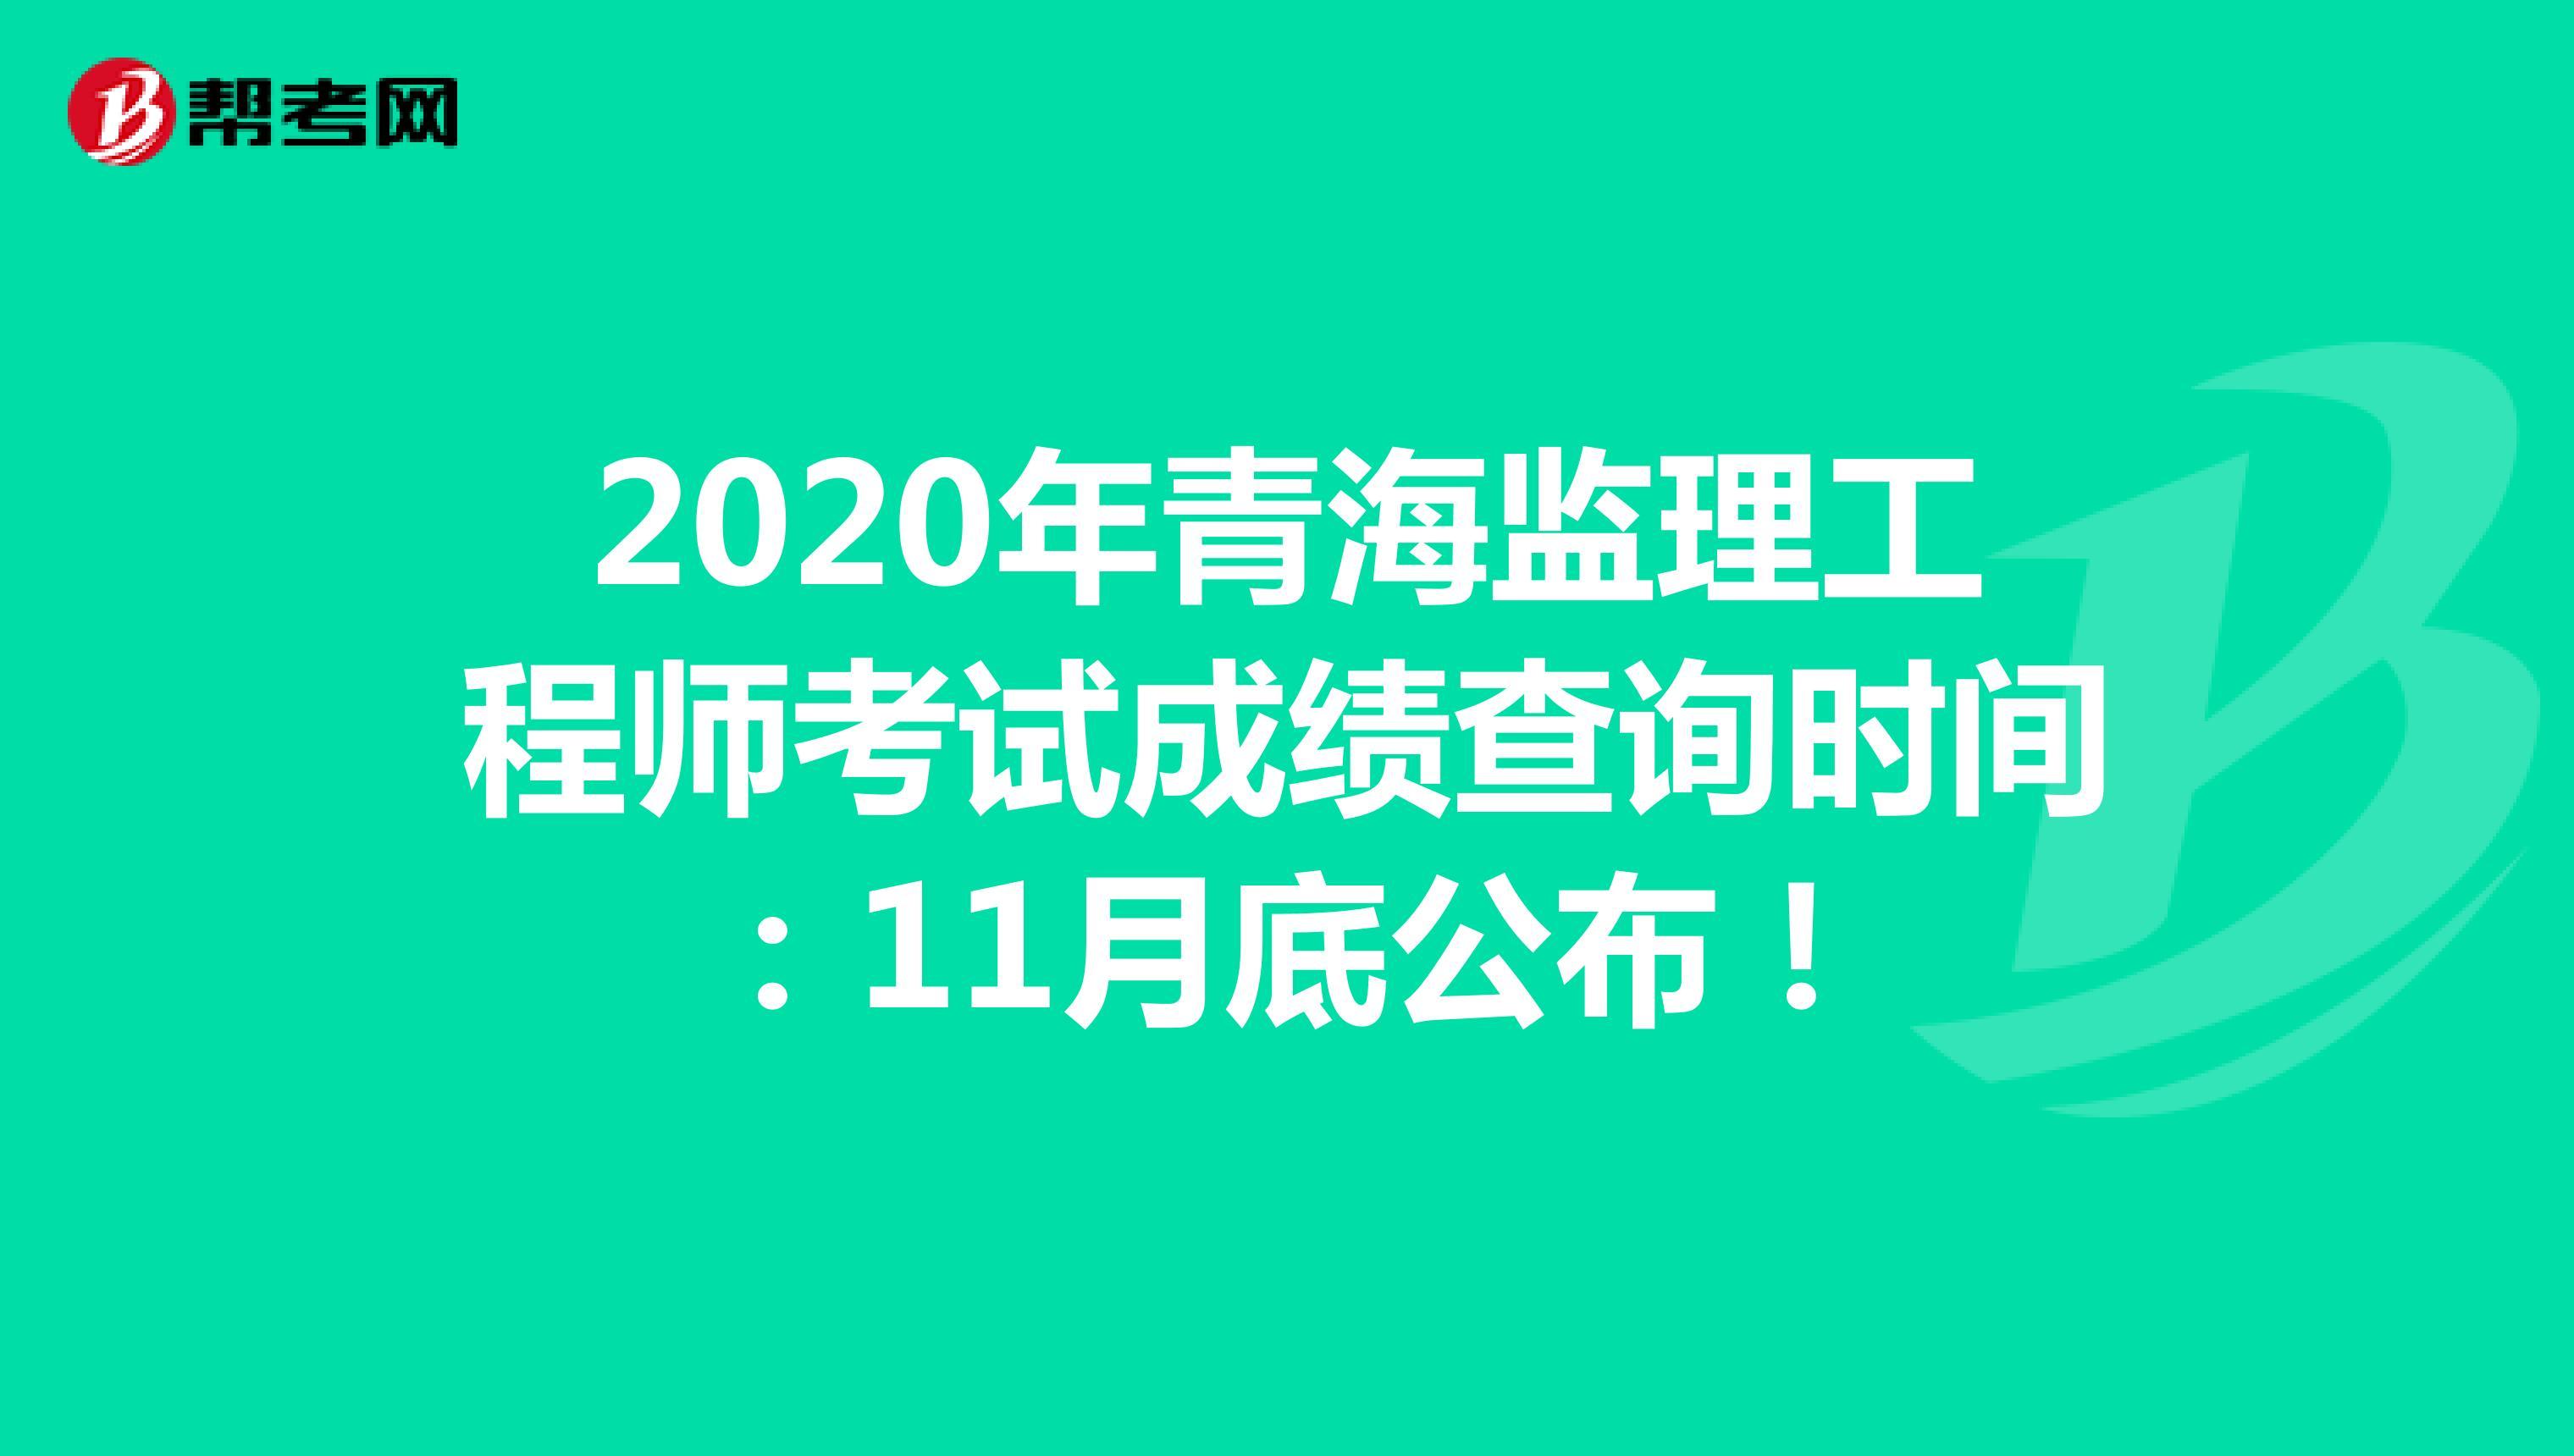 2020年青海監理工程師考試成績查詢時間:11月底公布!